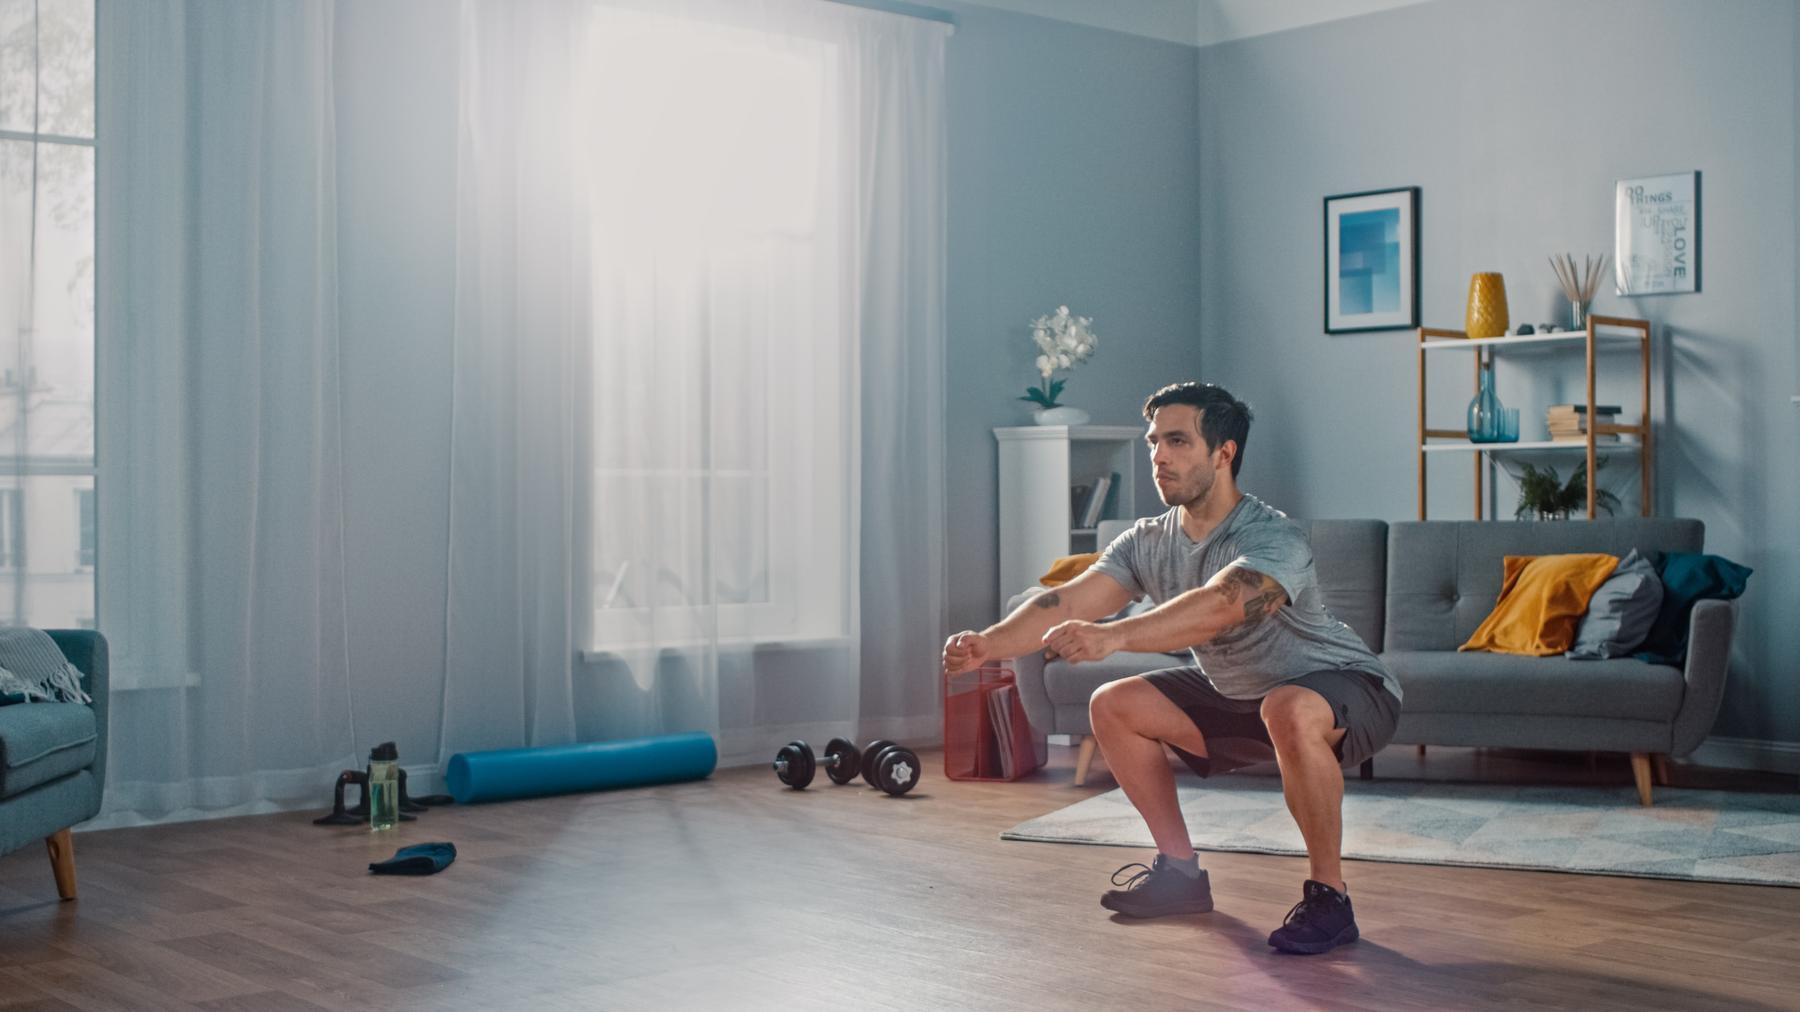 """Aumento del 550% de las búsquedas de """"entrenamiento en casa"""" en Europa"""